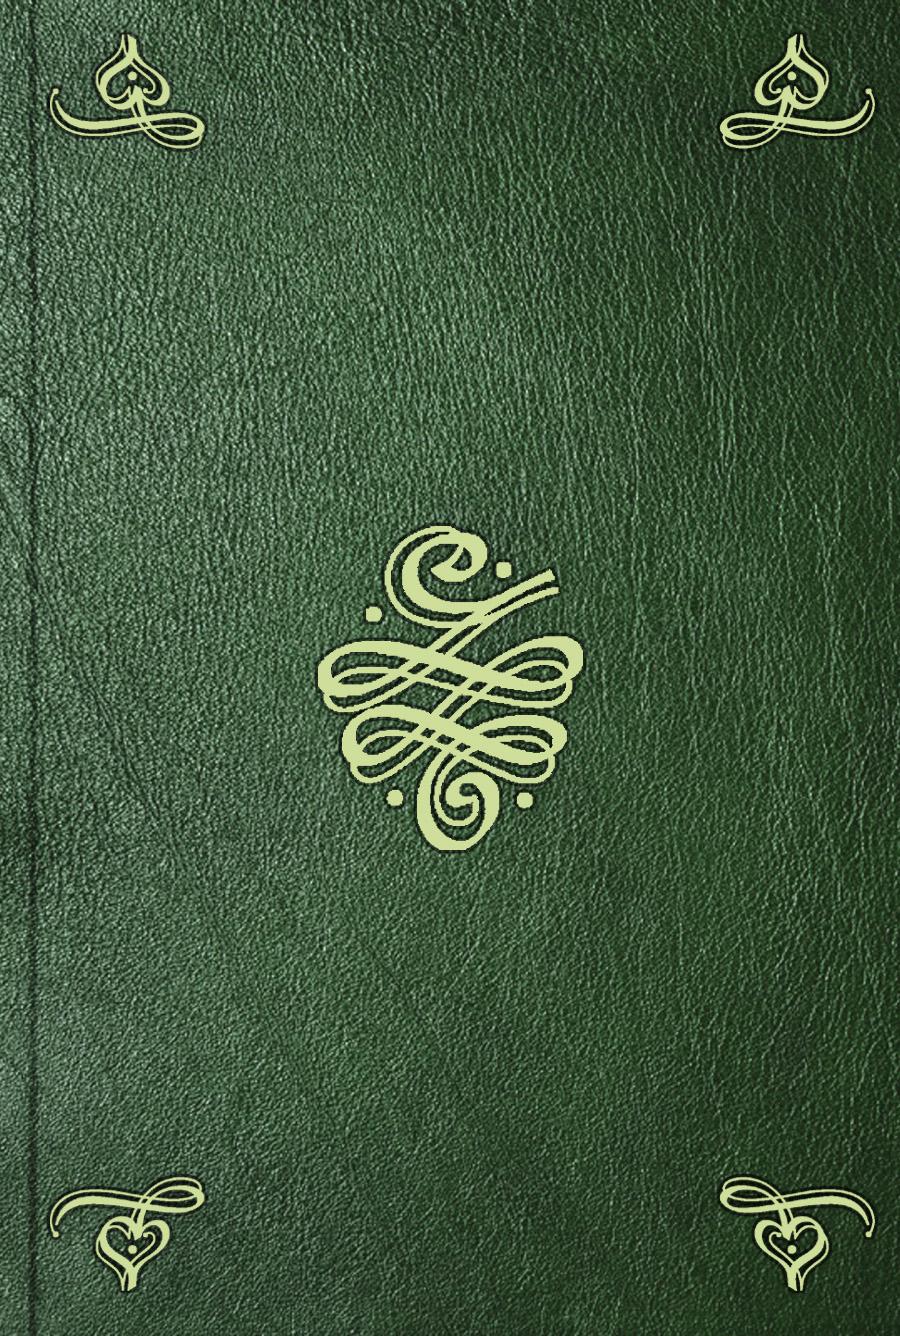 Johann Gottfried Herder Briefe zu Beförderung der Humanität. Sammlung 8 johann gottfried herder poesien